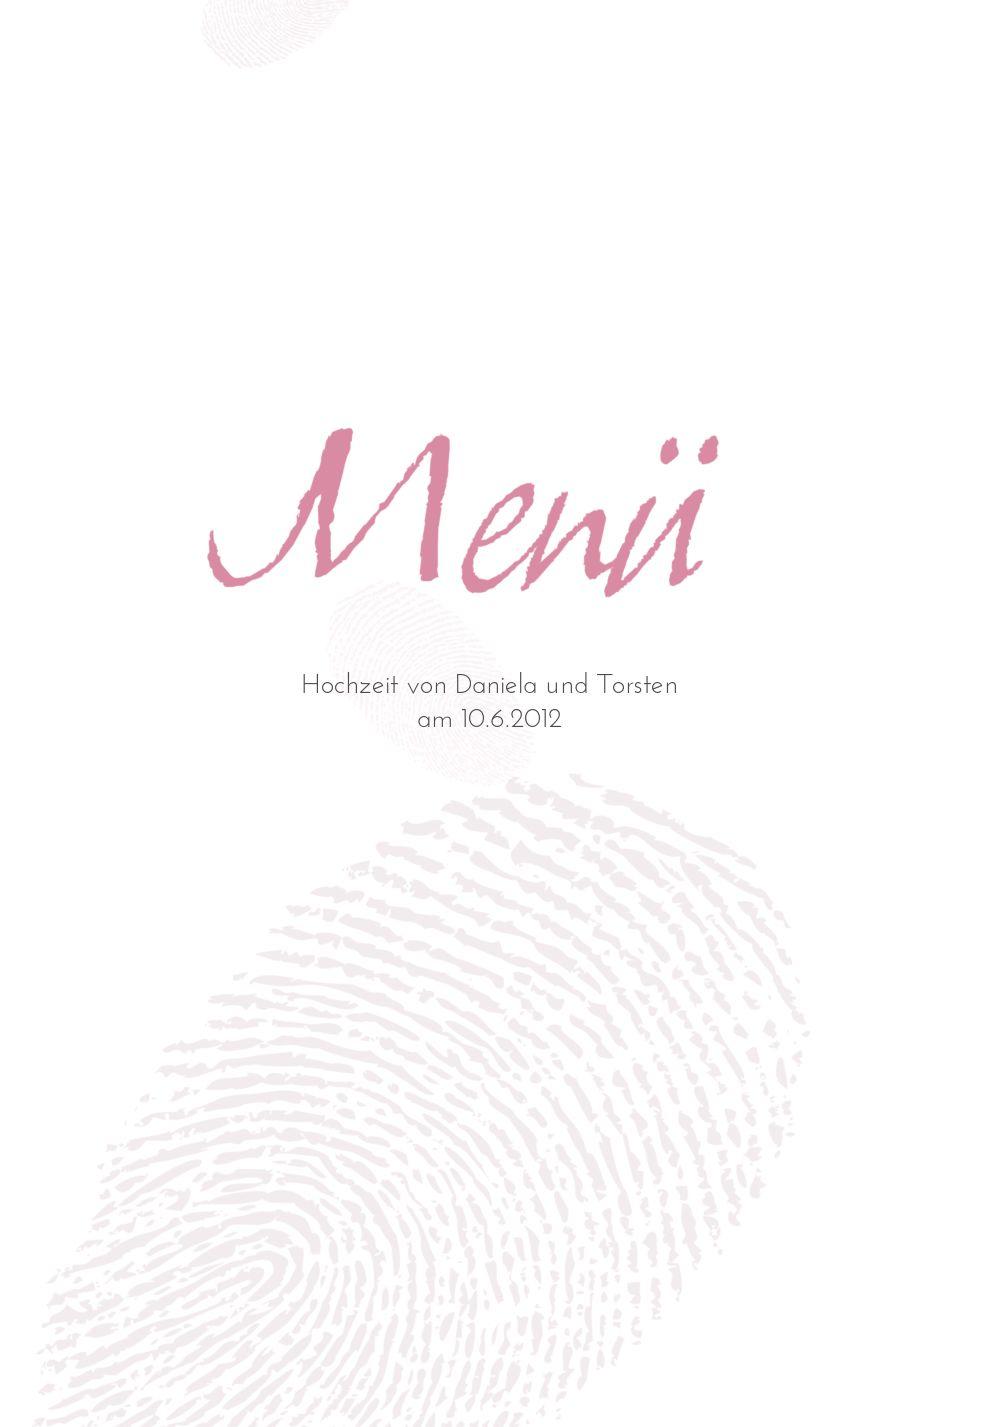 Ansicht 3 - Hochzeit Menükarte fingerprint